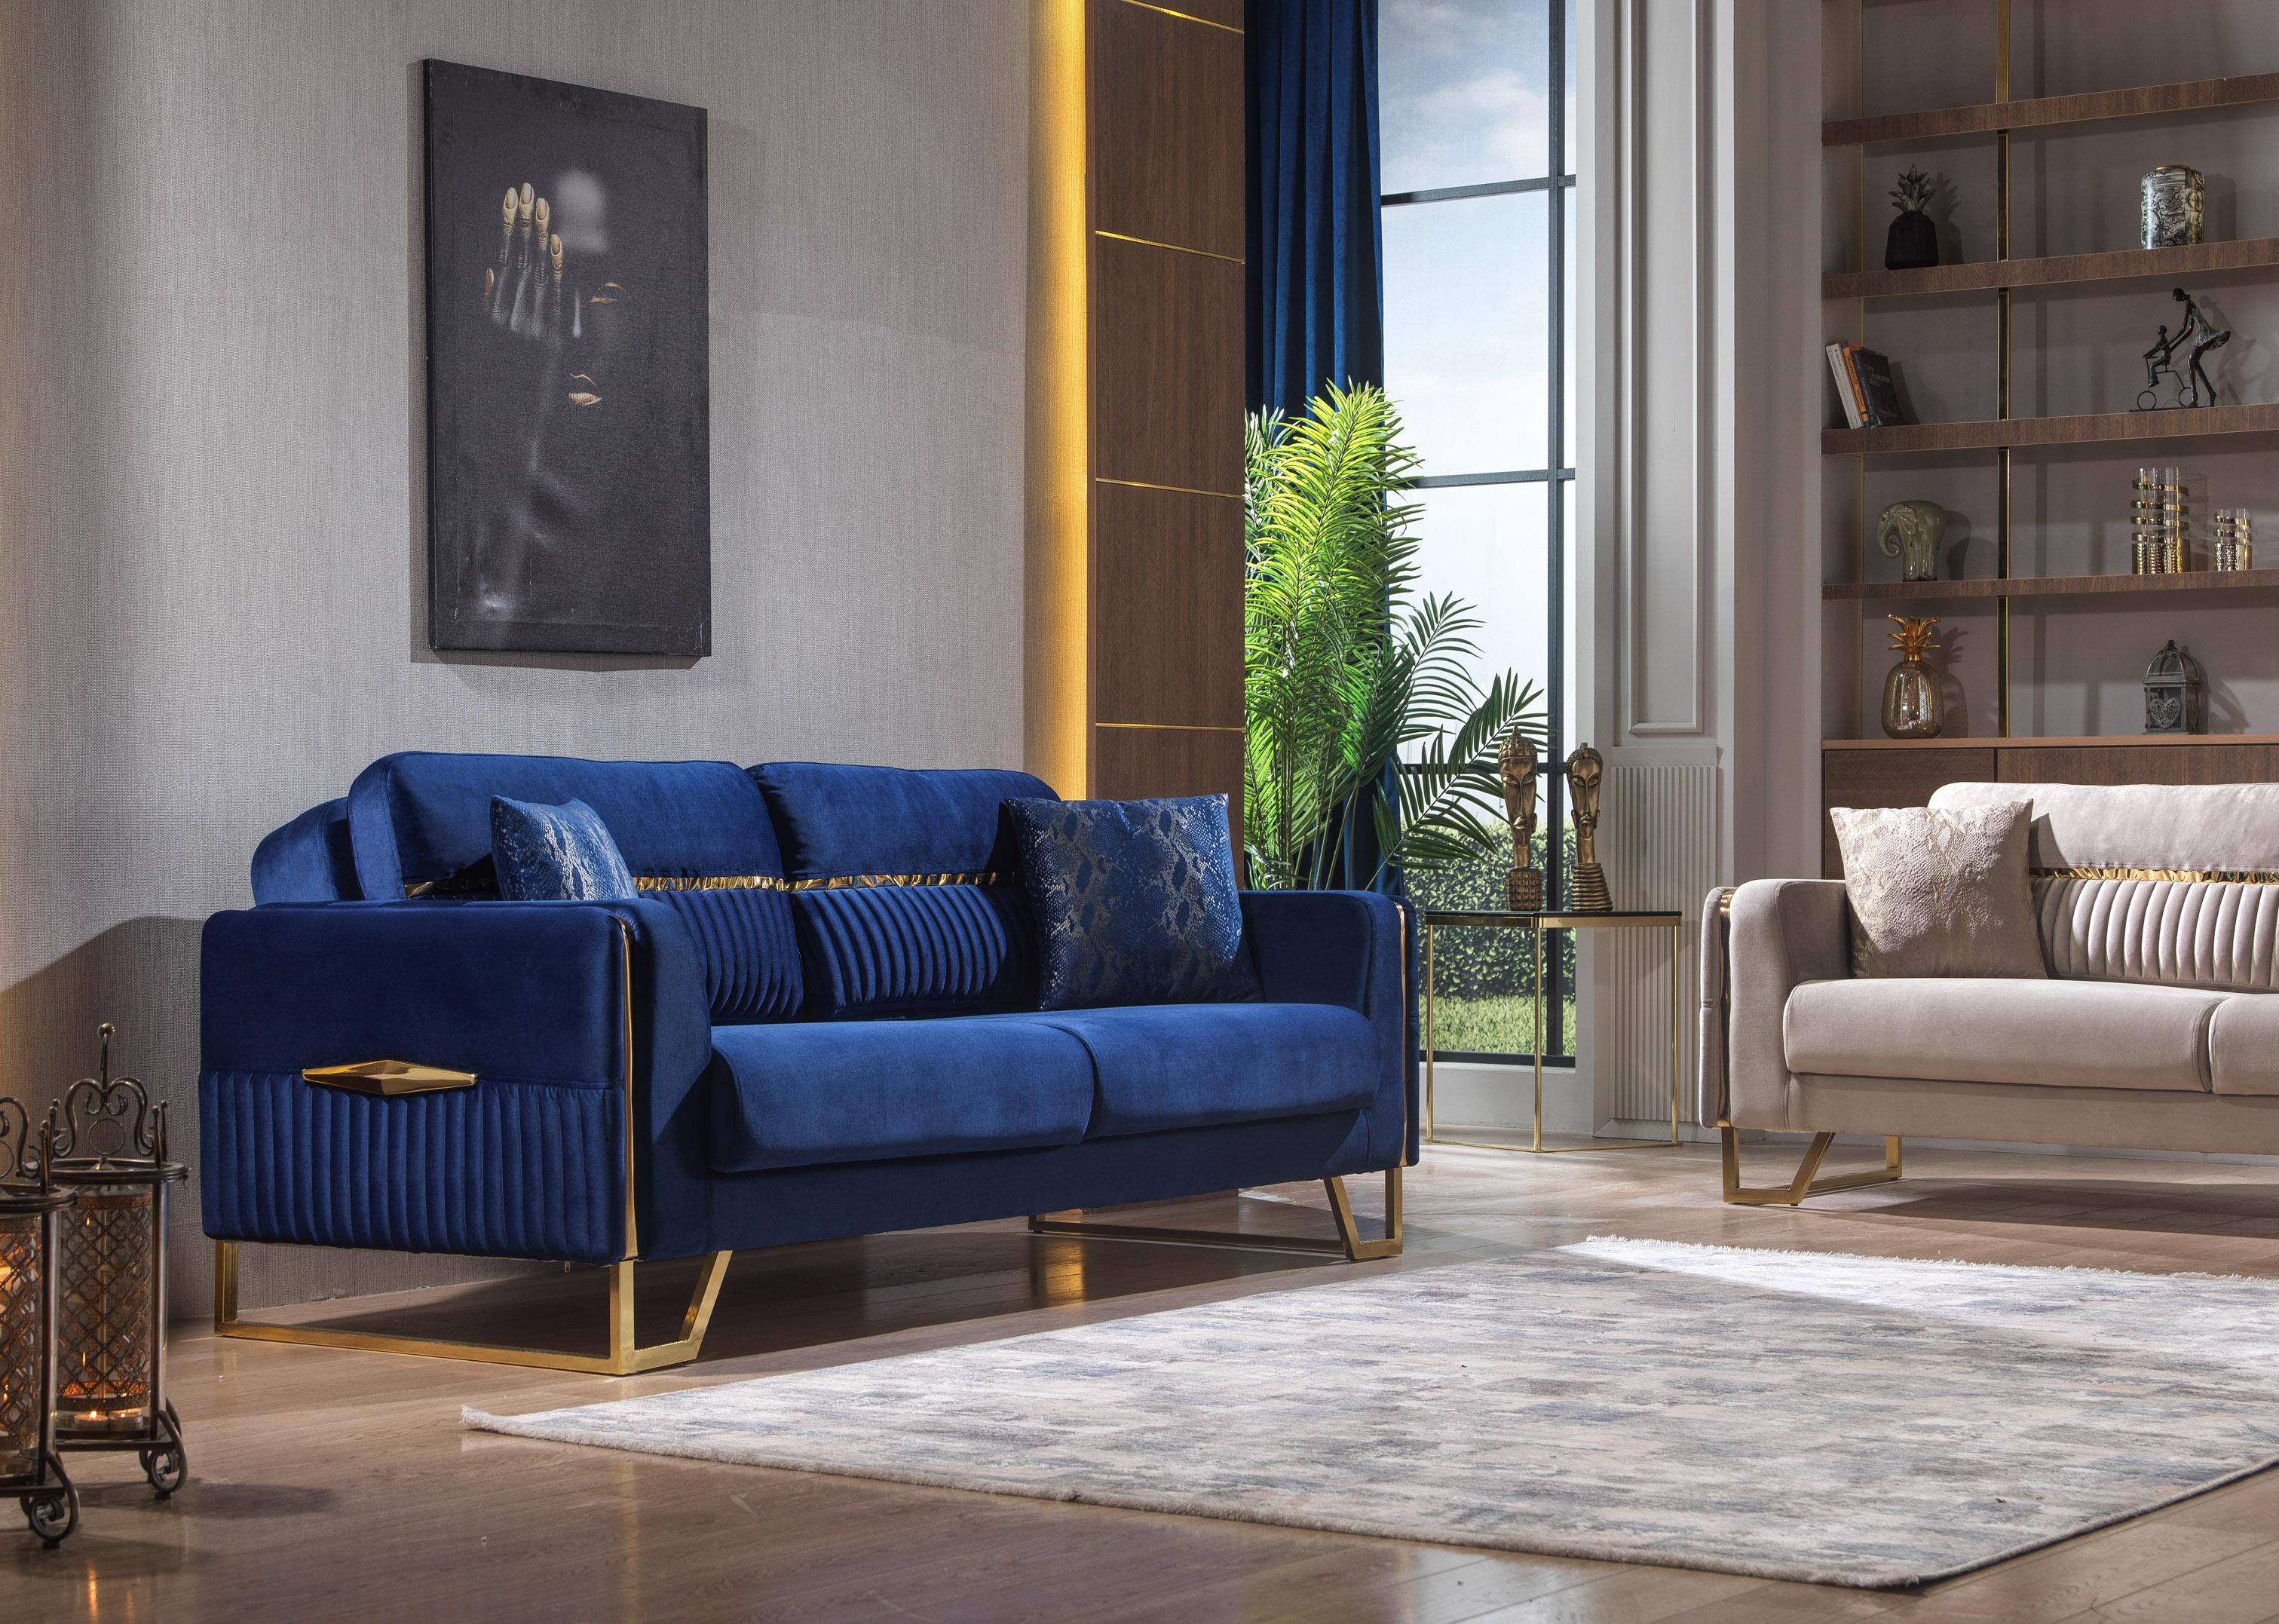 Canapea cu 2 locuri extensibila, Platin